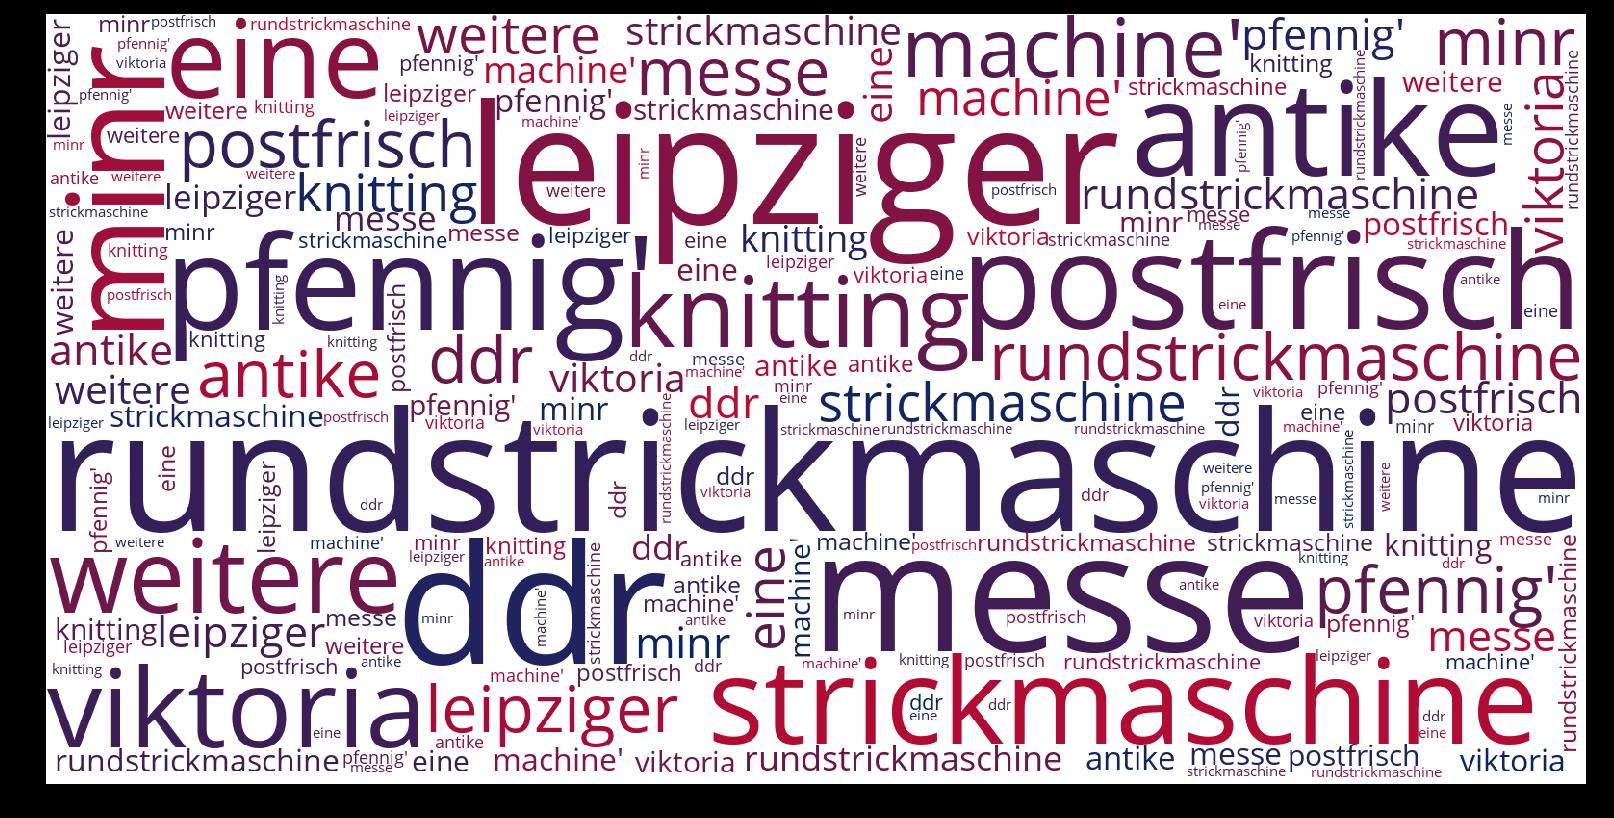 Rundstrickmaschine-wordcloud